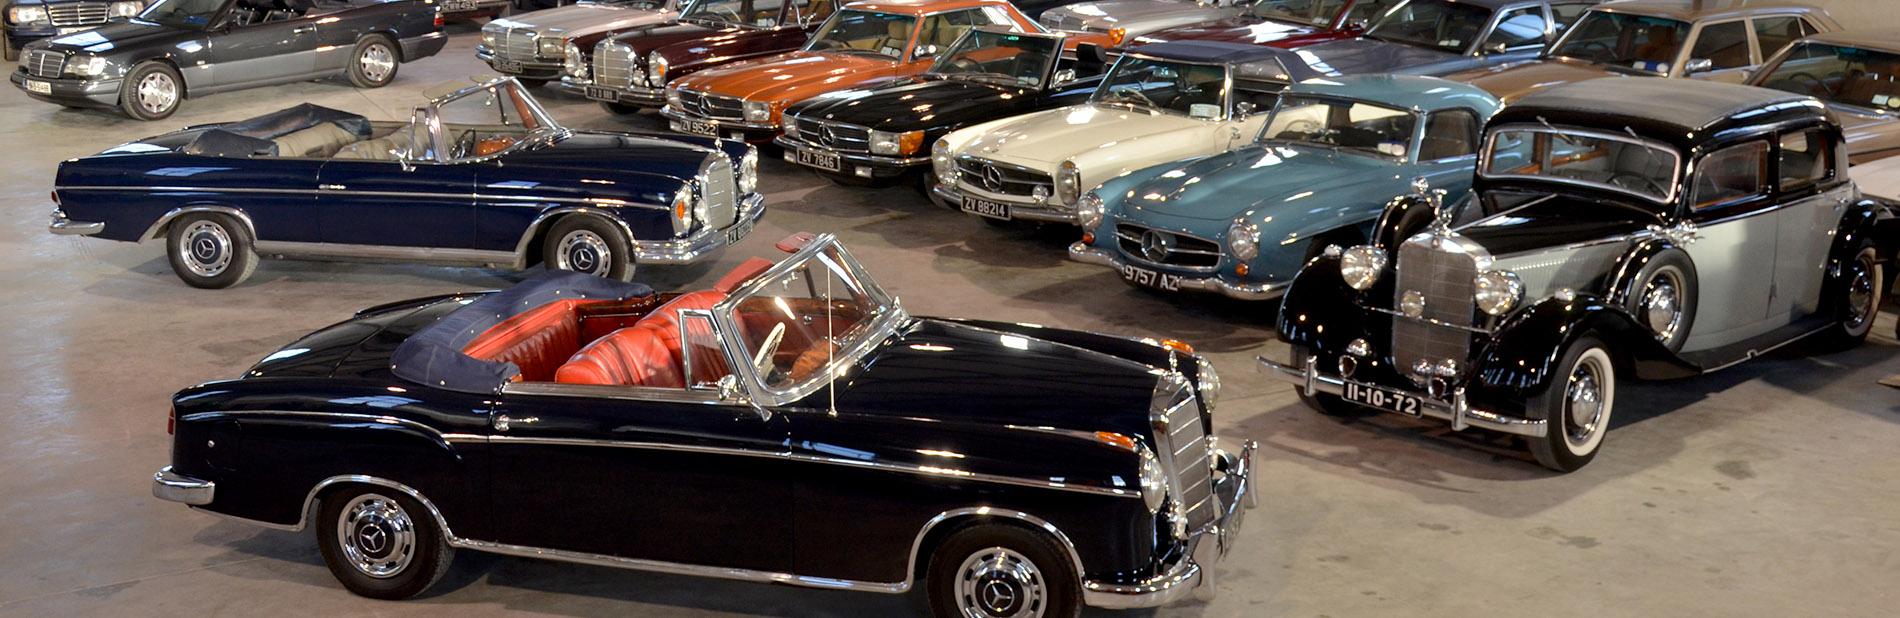 Prestige Classic Cars – by Mervyn Heatley